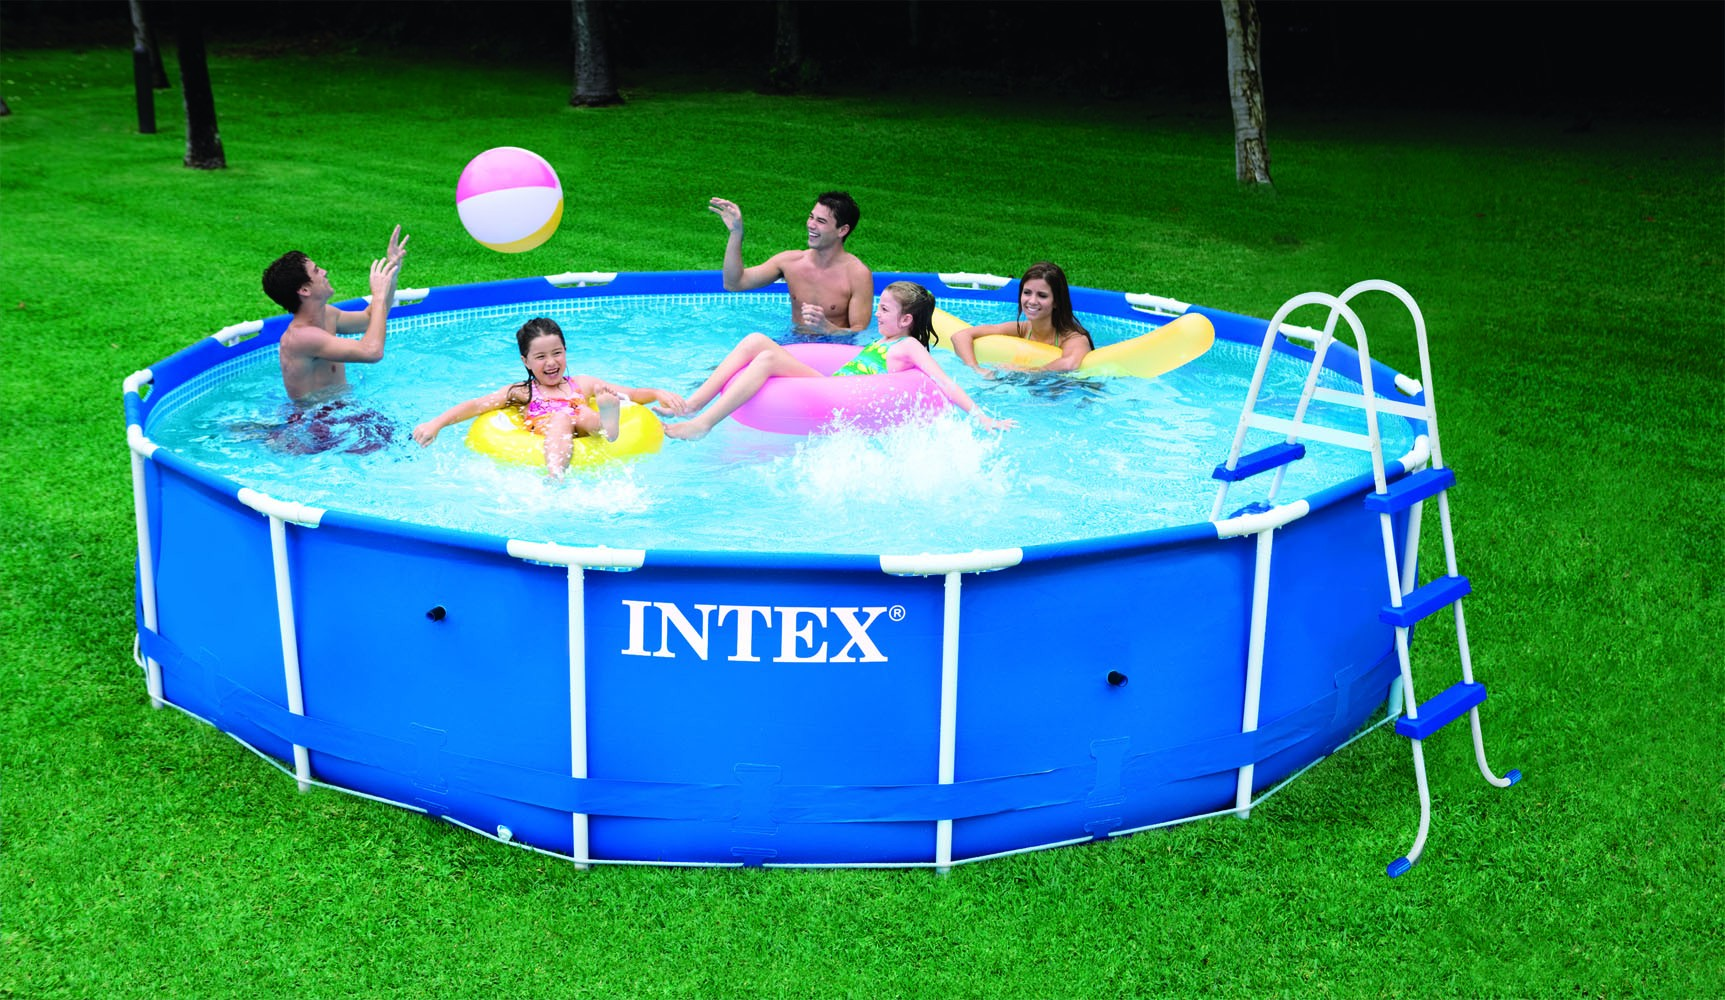 Intex metaal frame pool 457 x 91 cm set zwembadcenter for Groot rond zwembad